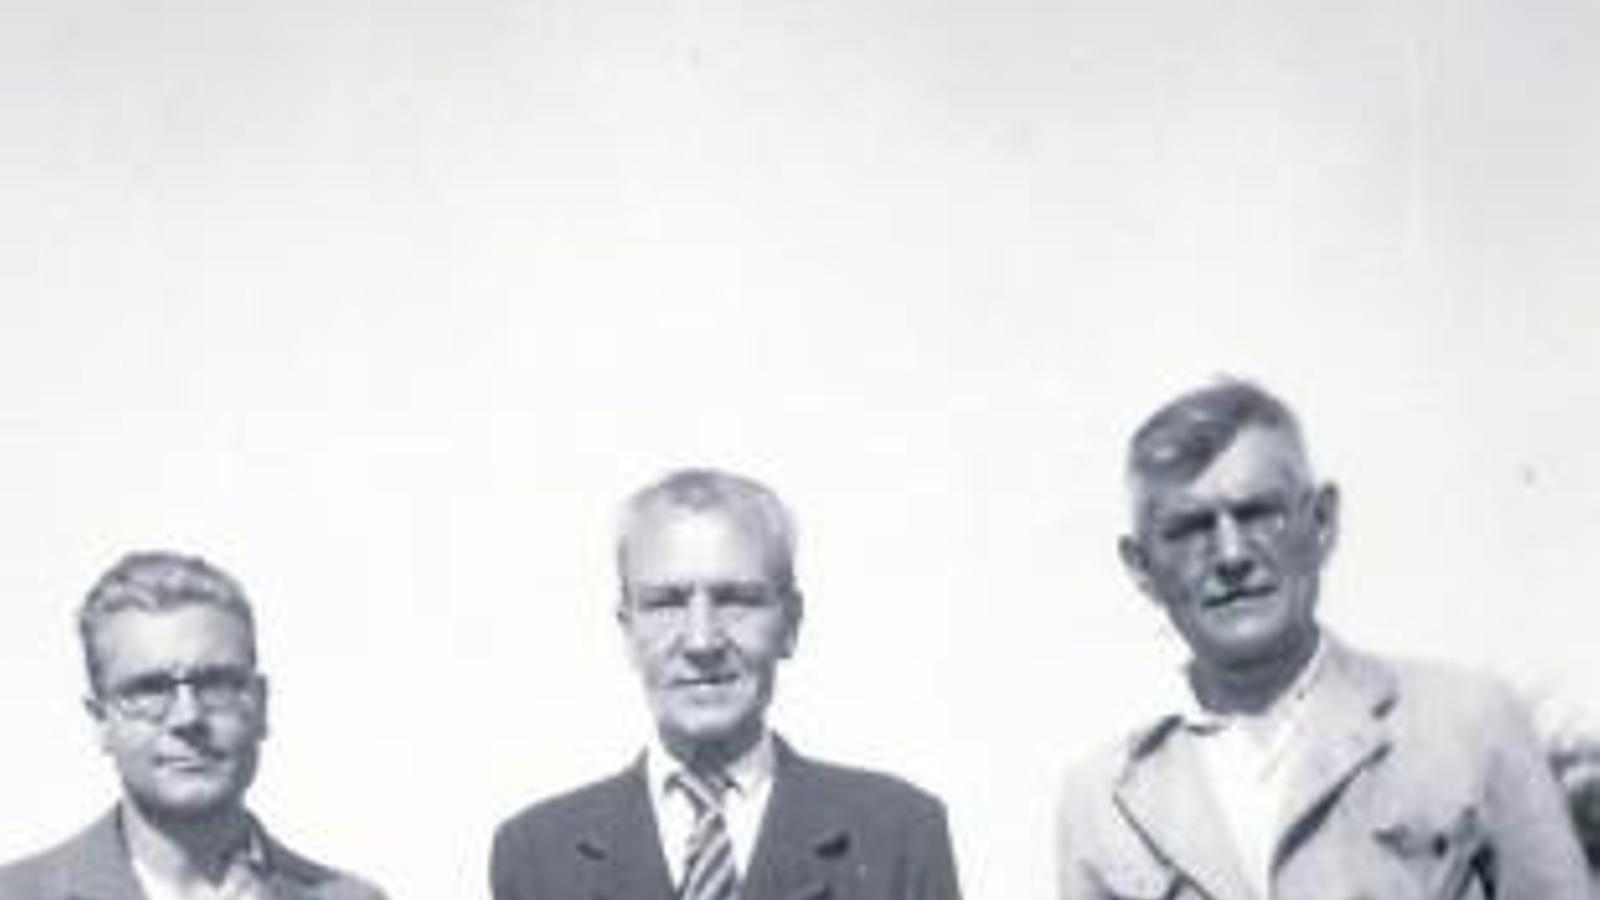 Heribert Barrera amb el seu pare, Martí Barrera, al mig, el 1940, en una imatge a l'exili.